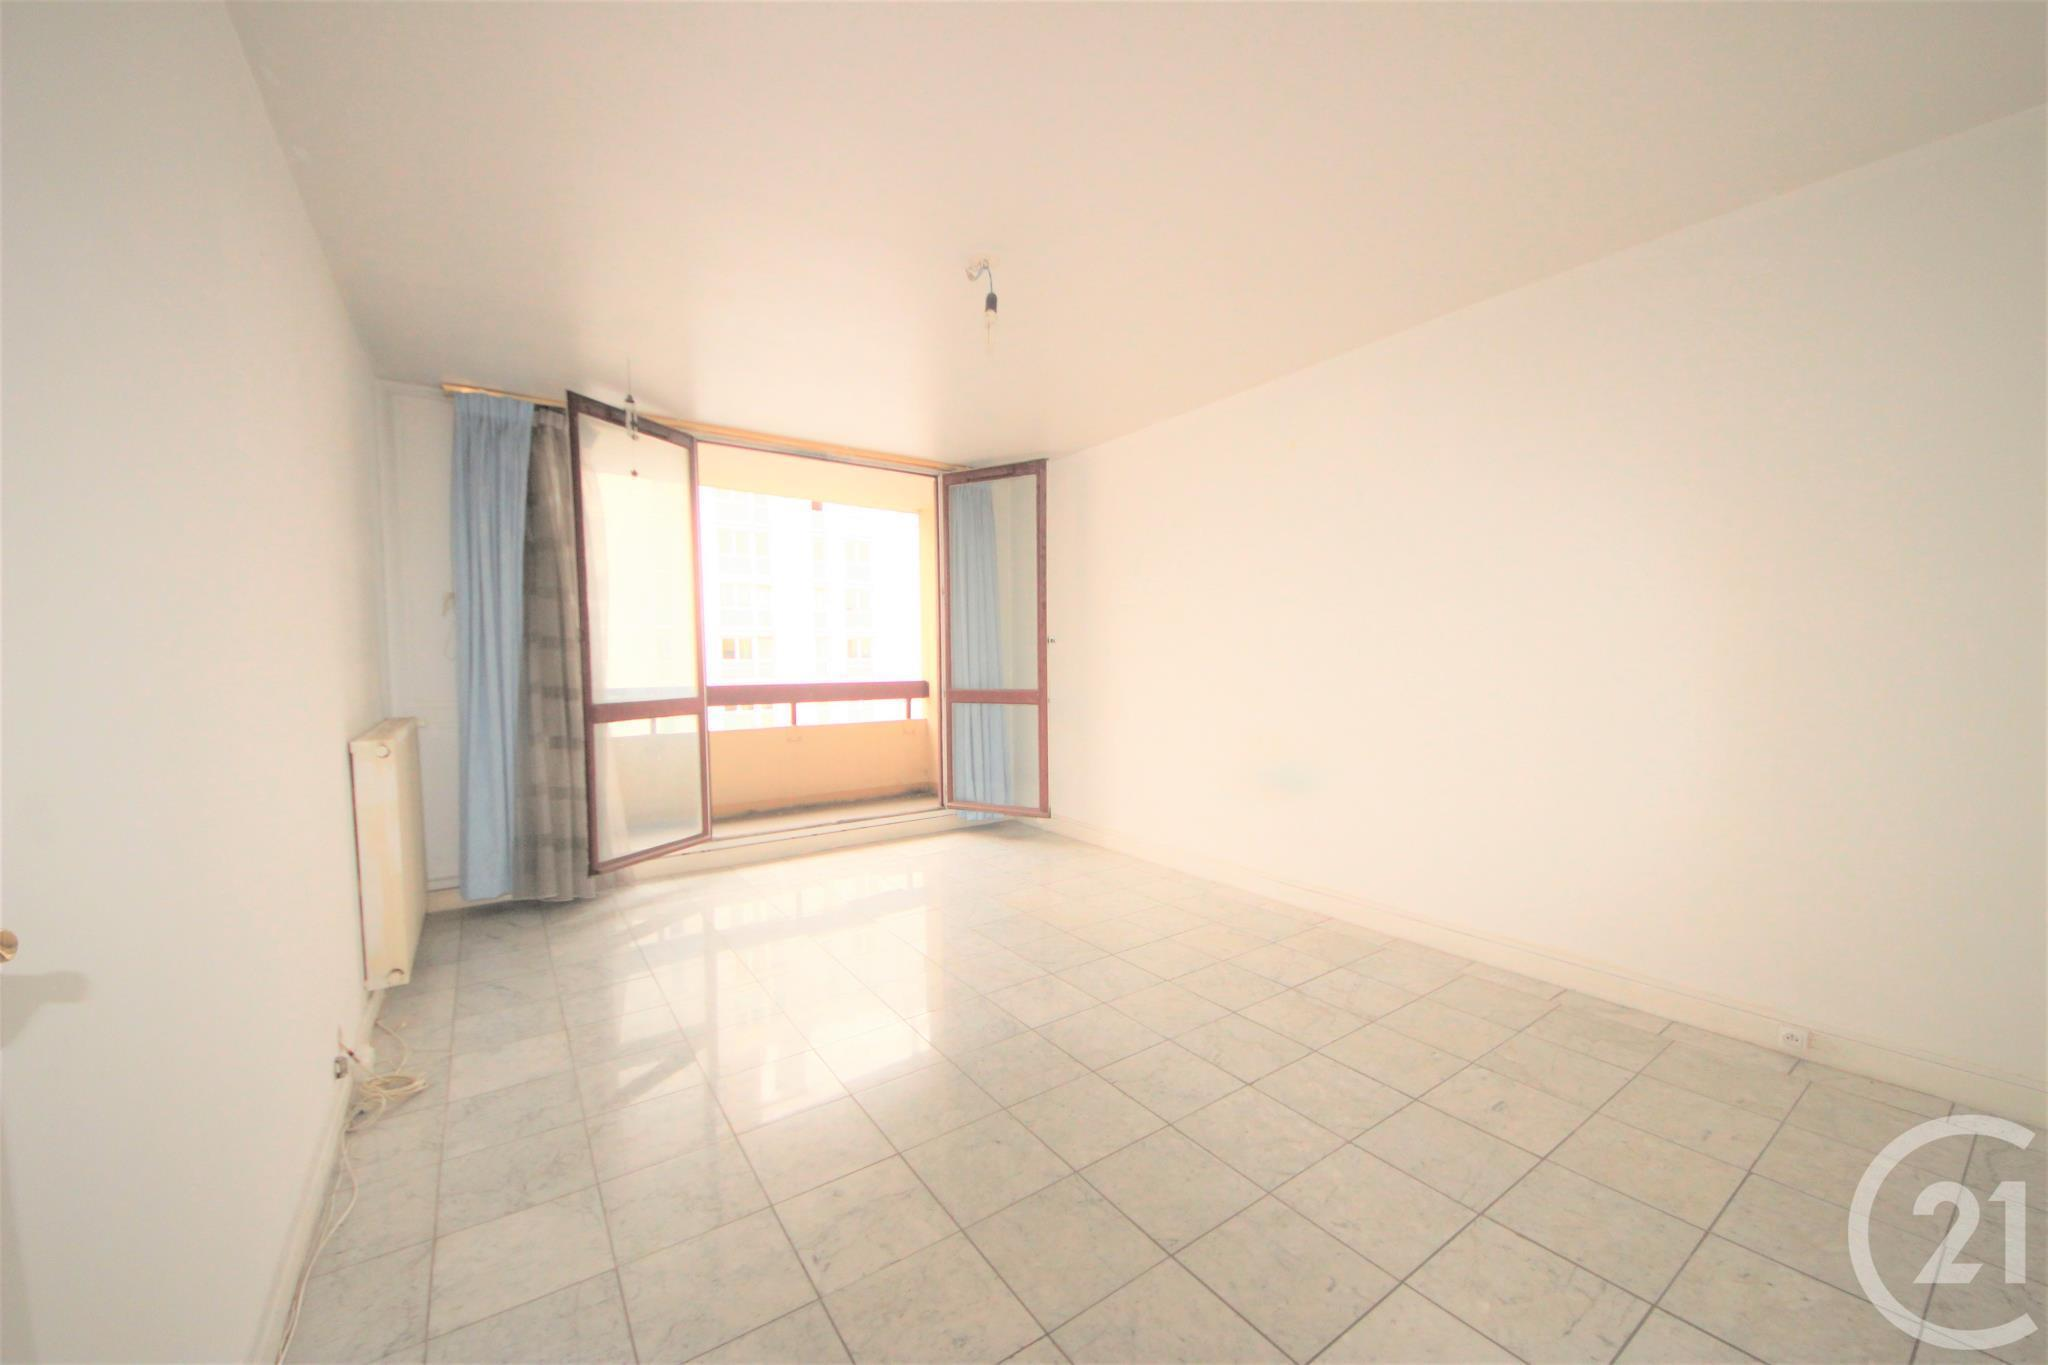 Appartement 2pièces 53m² Aubervilliers